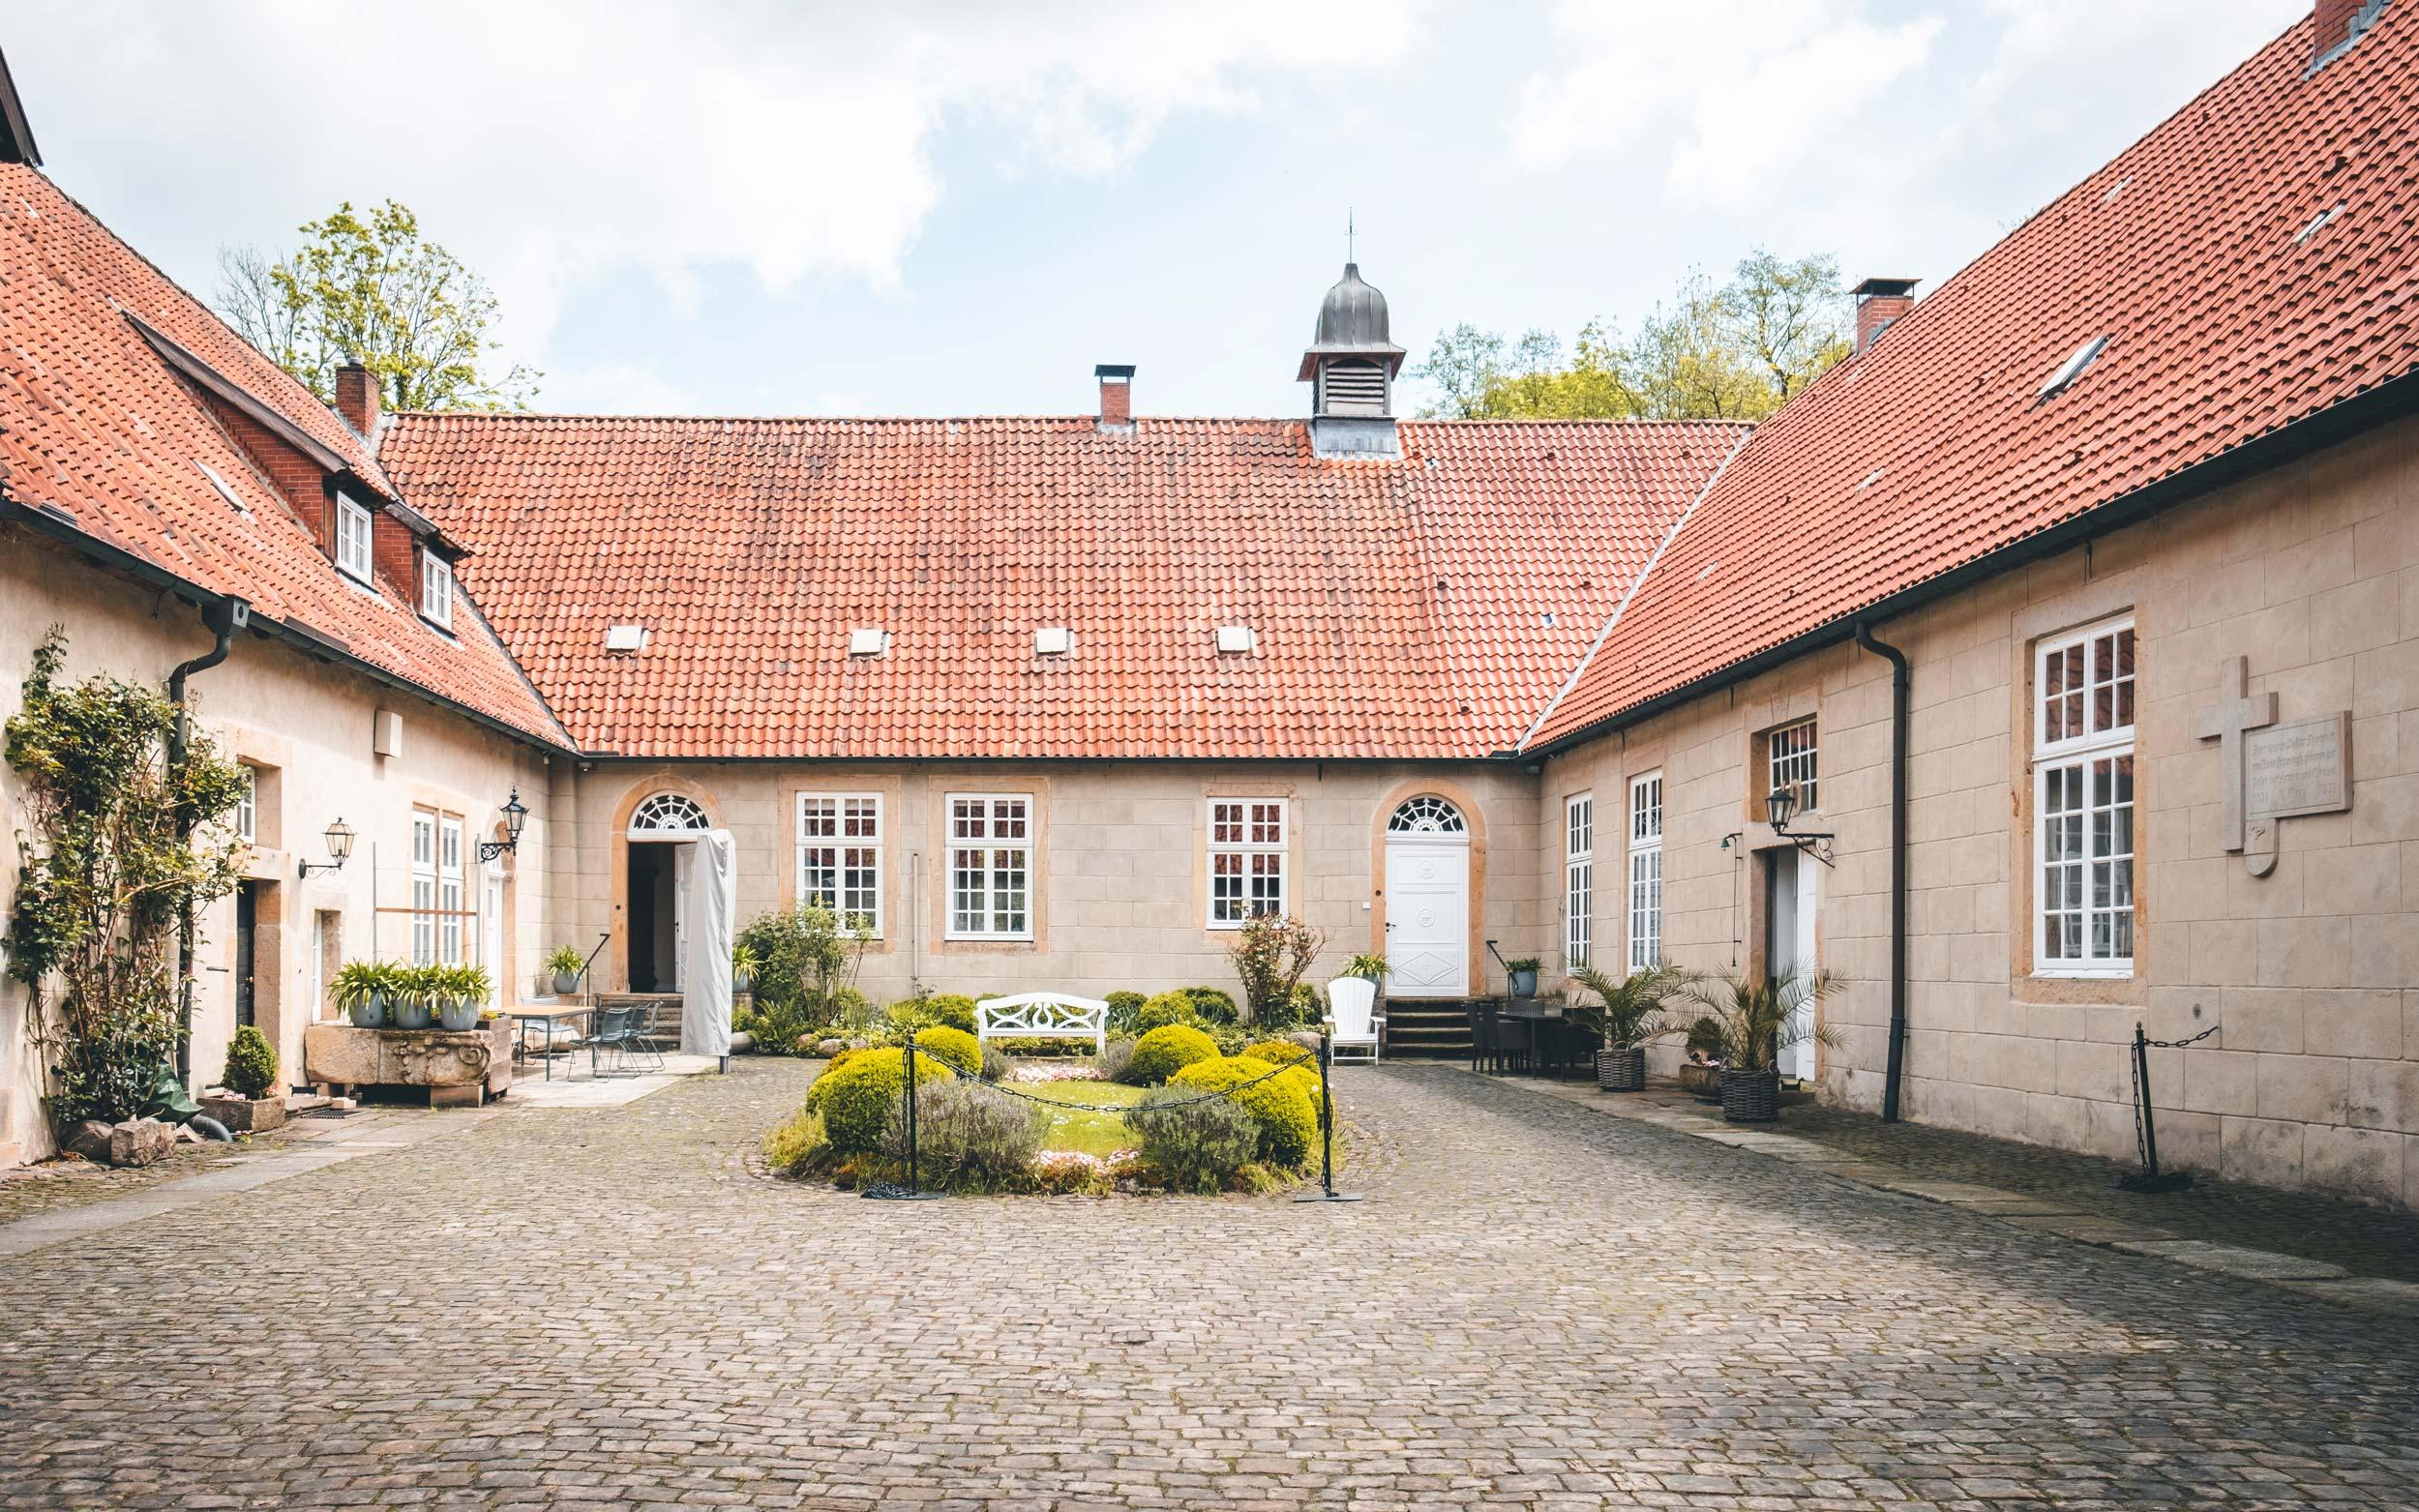 Haus Marck Innenhof